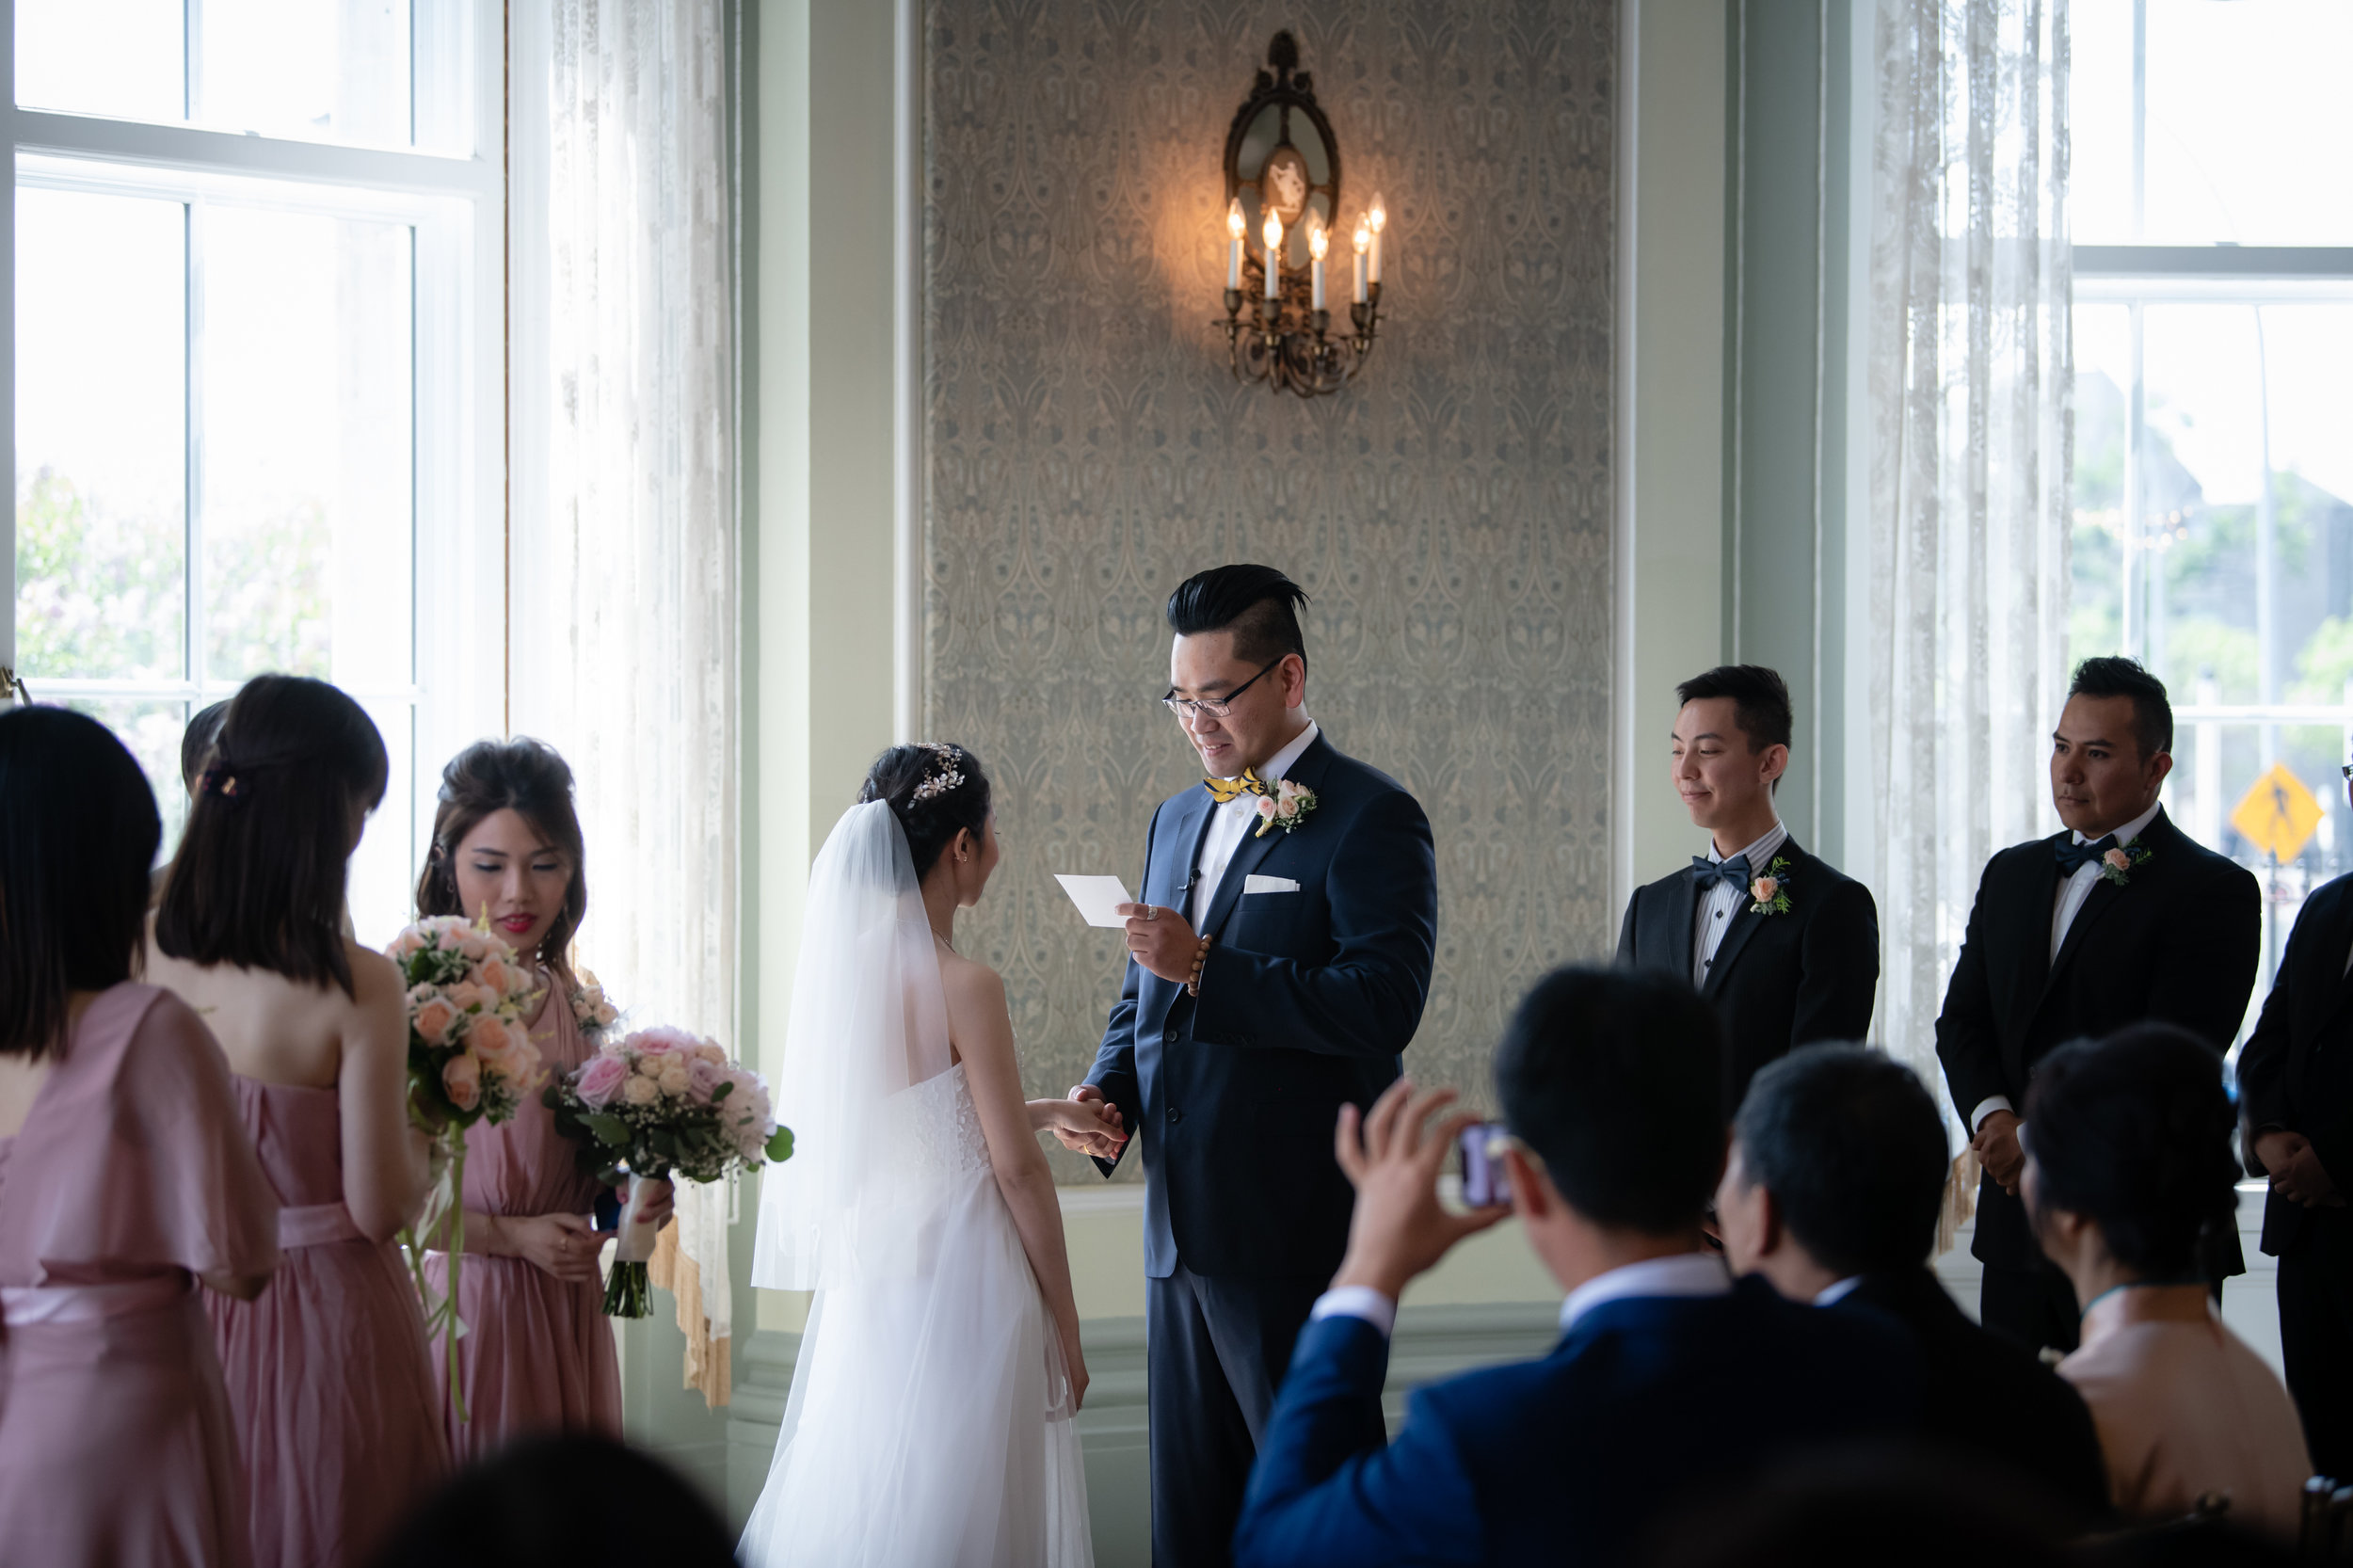 Selina_Chris_Wedding_Sneak_Peek_044.jpg